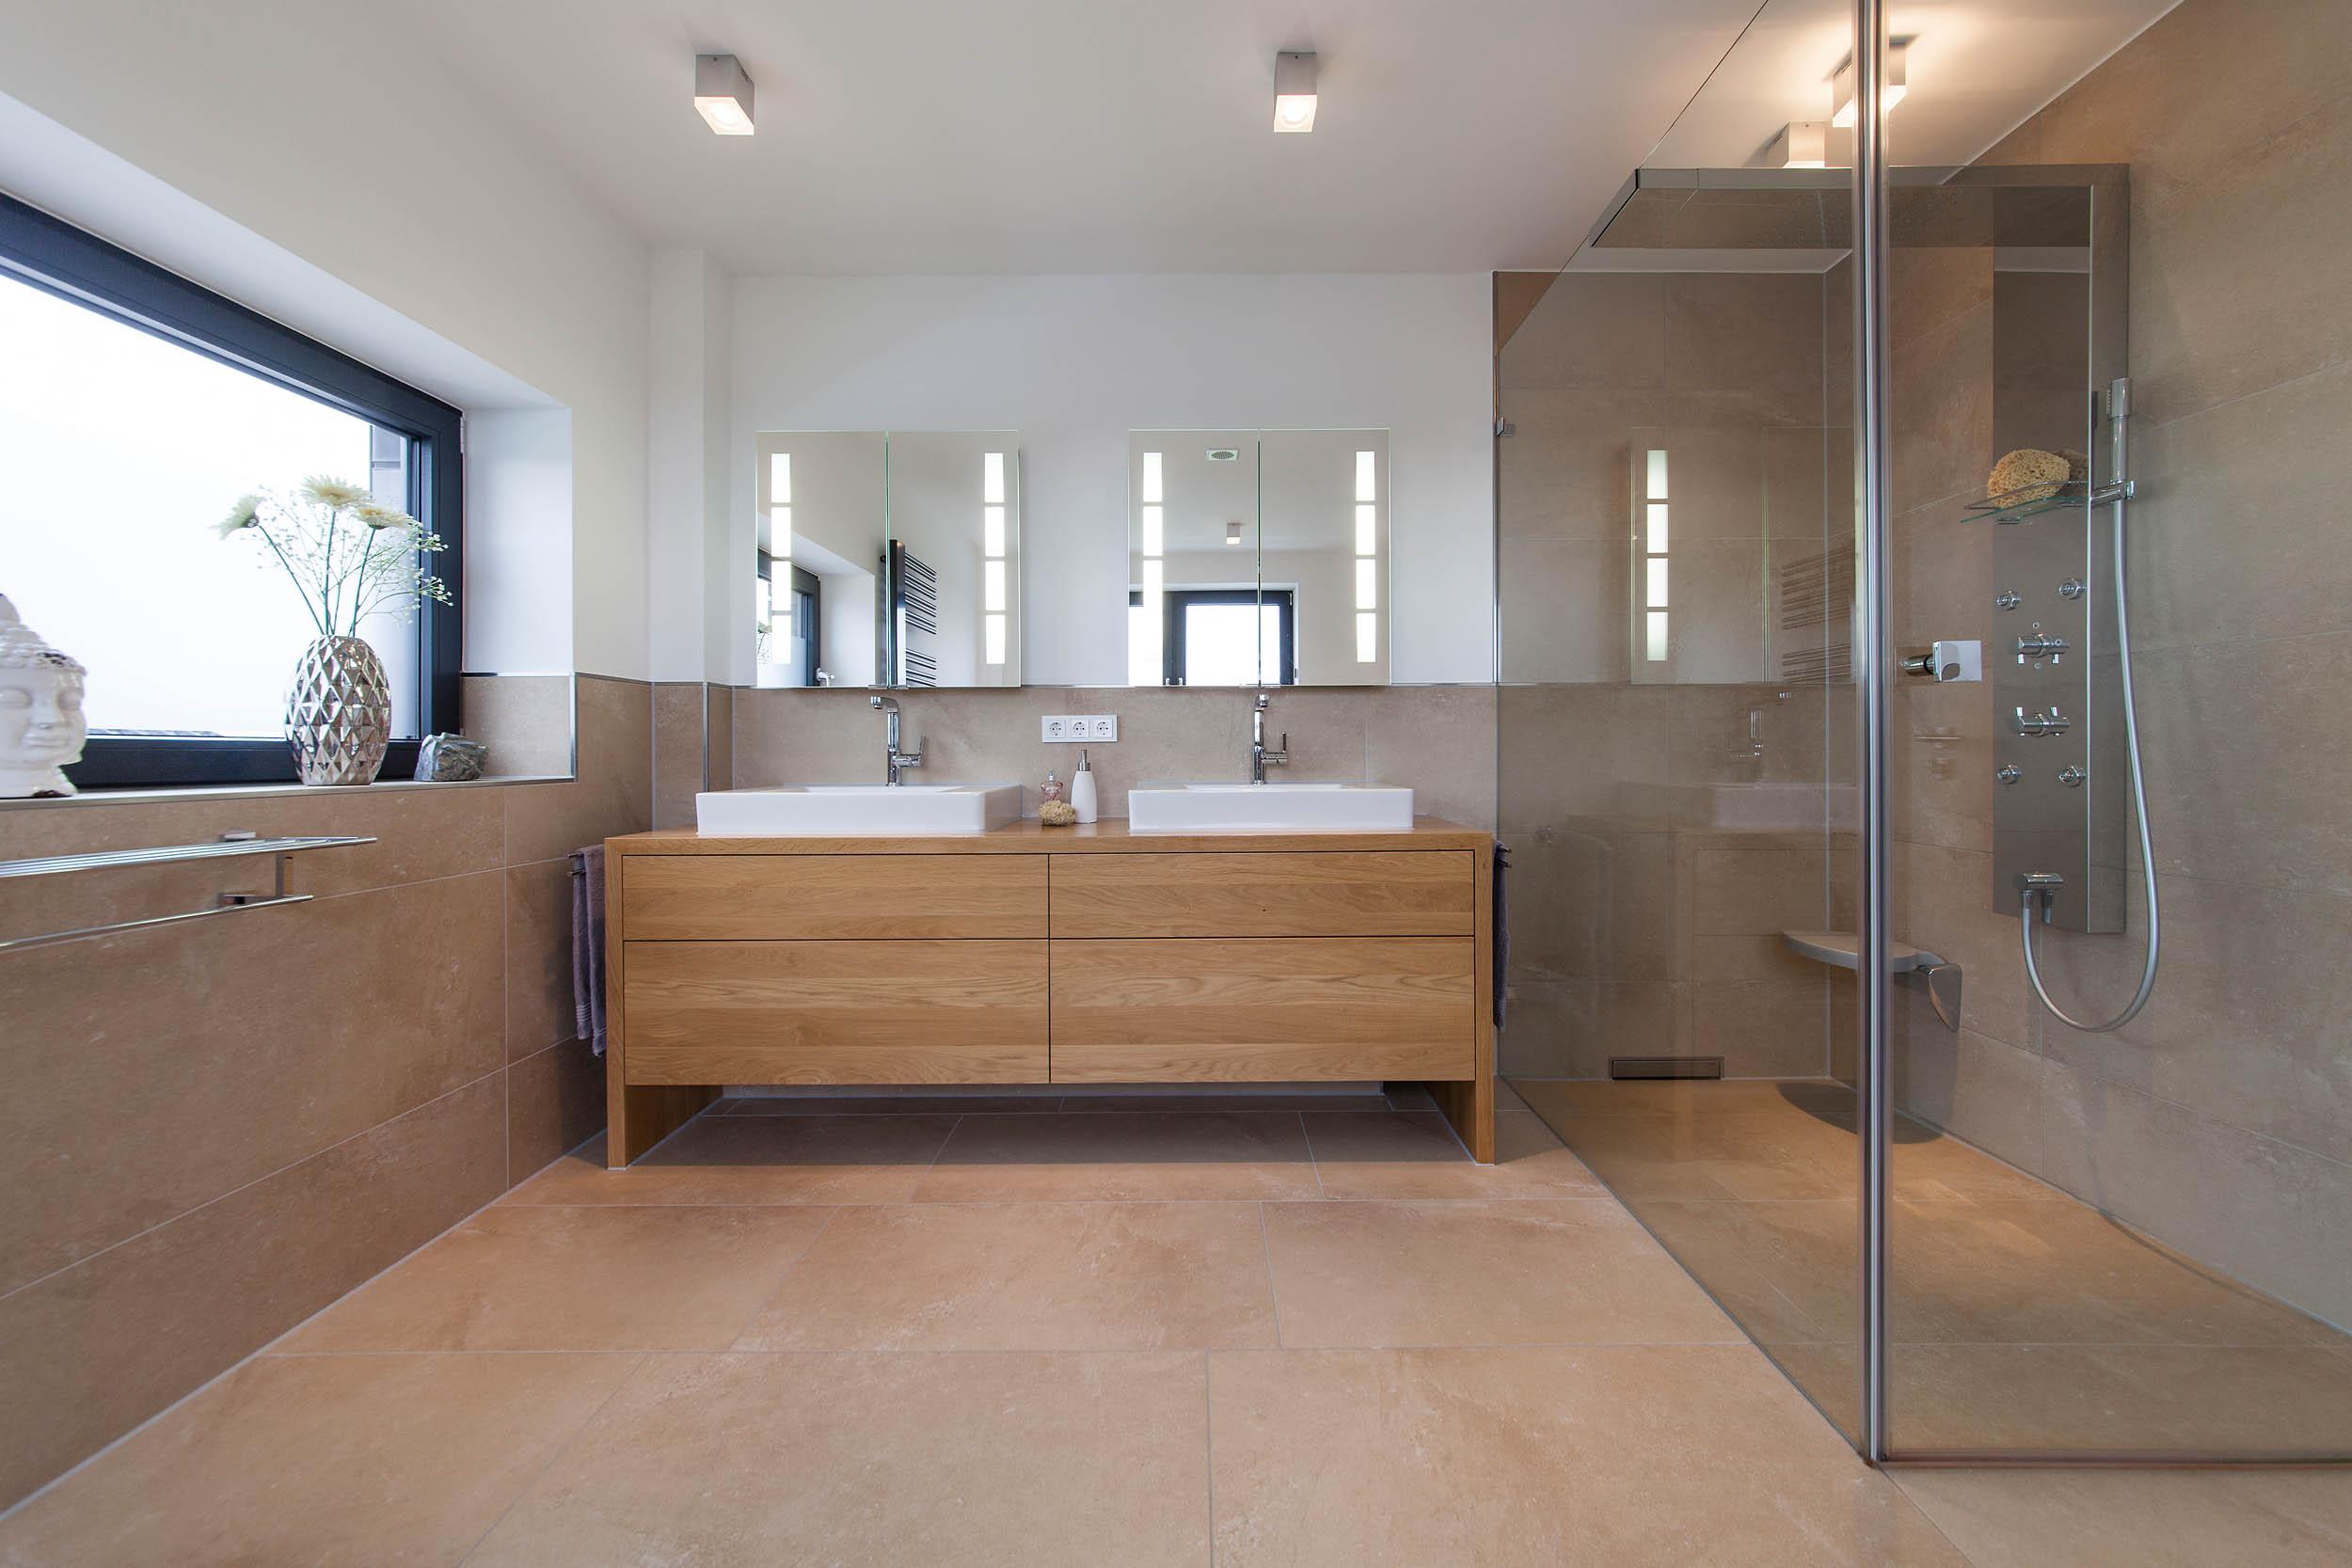 Familienbad mit begehbarer Dusche und Duschpanel